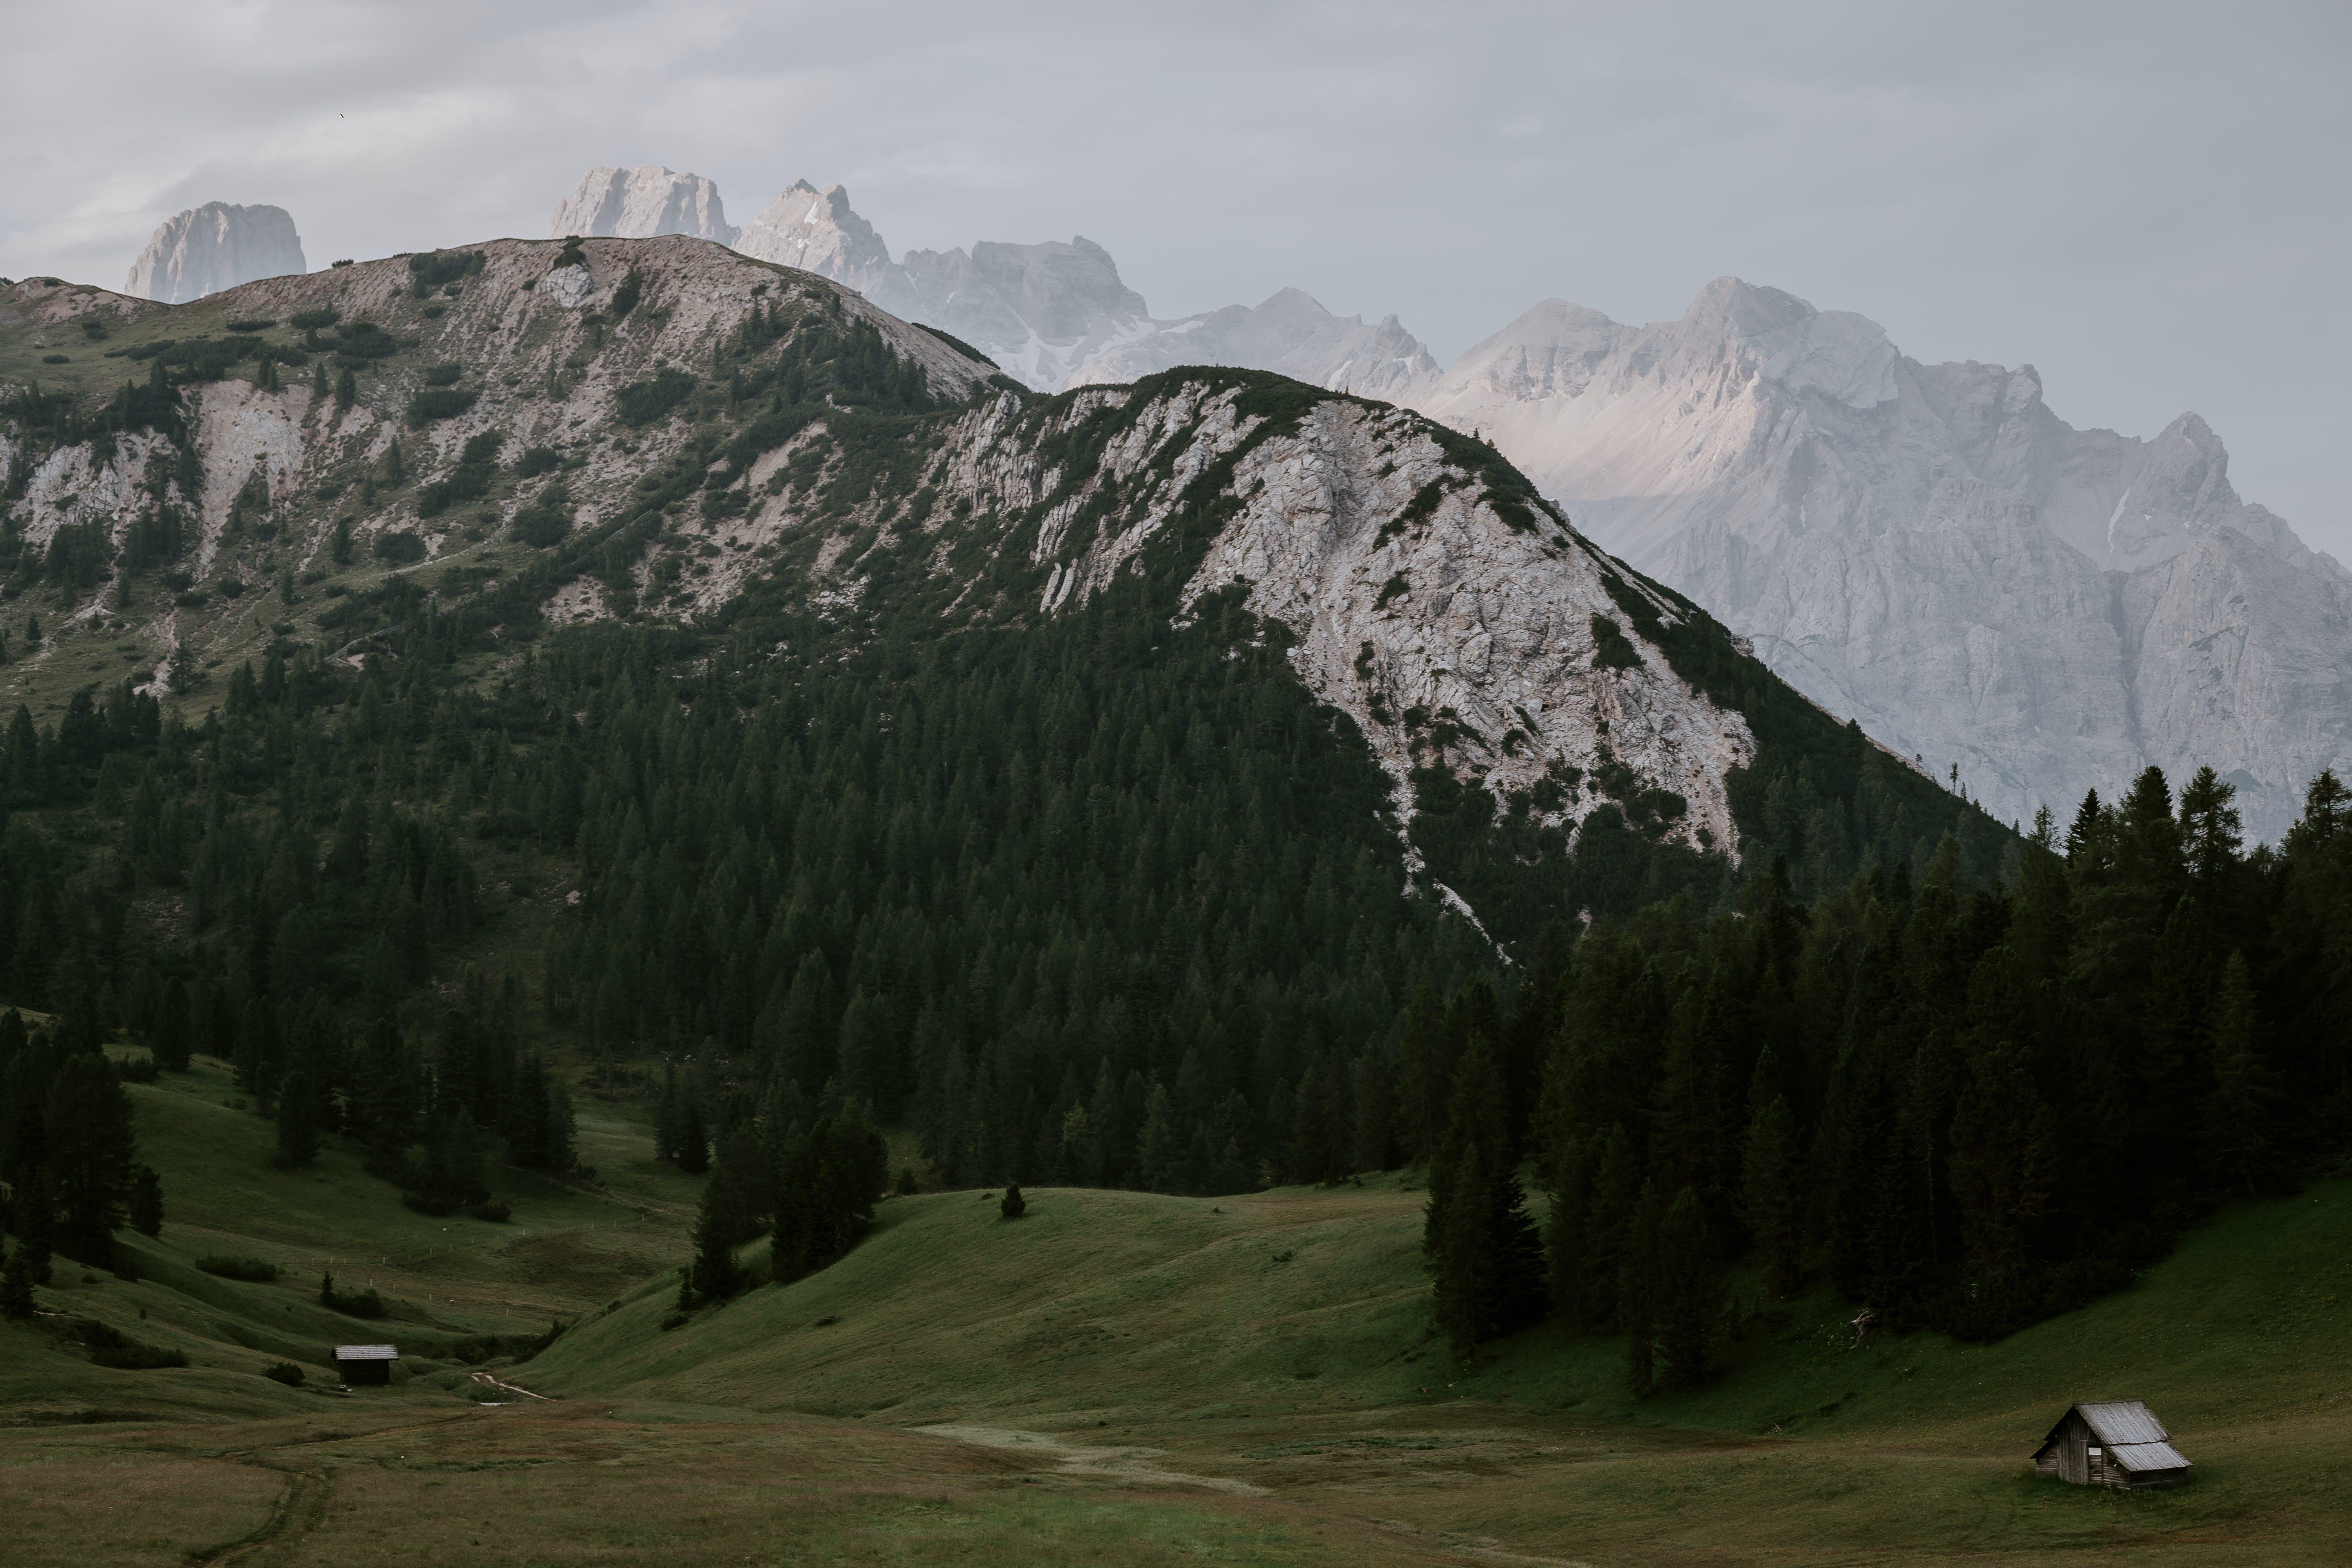 Kostenloses Stock Foto zu landschaft, natur, berg, landschaftlich